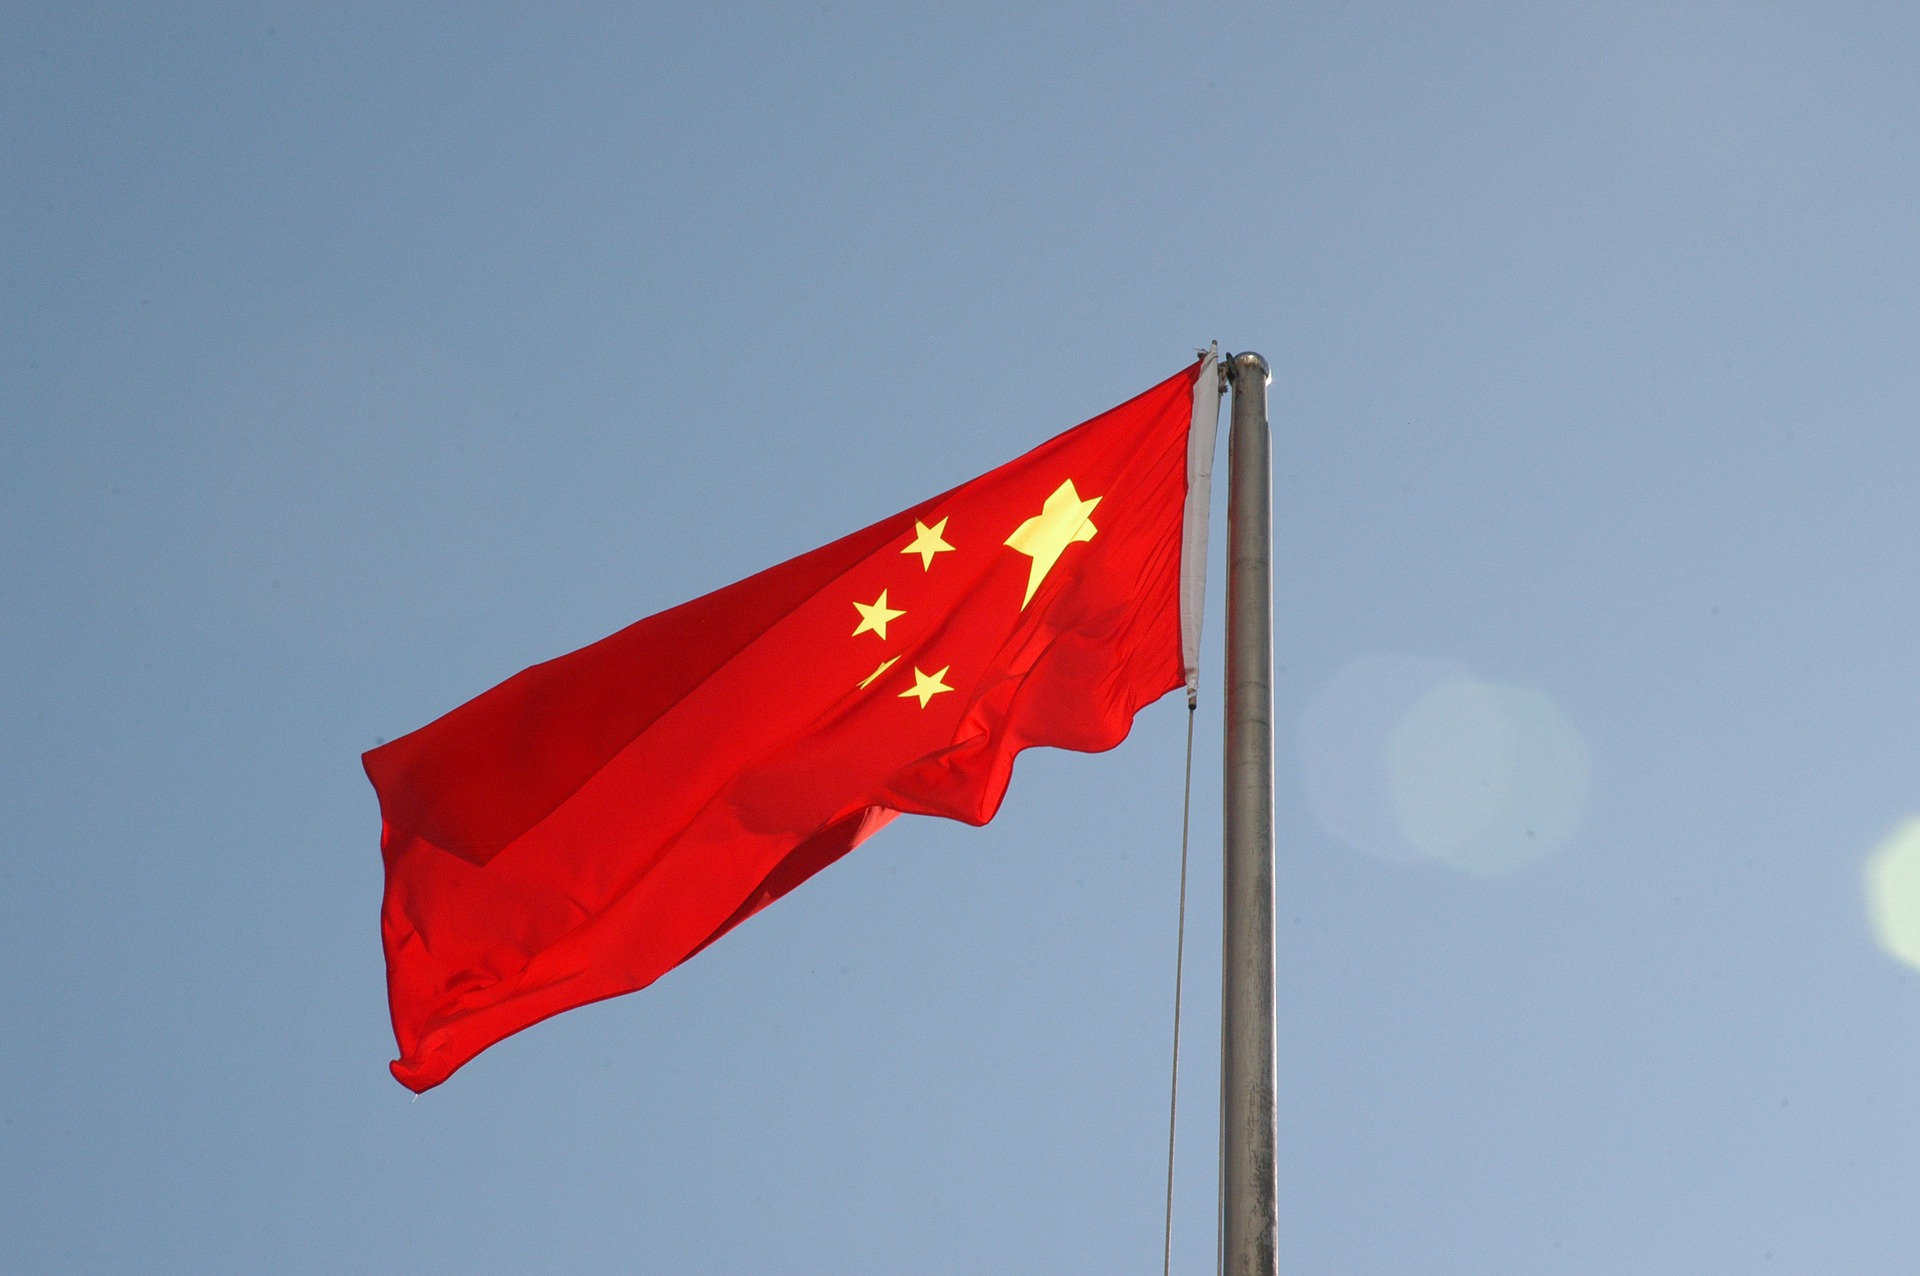 Obrázek: Zdražení elektroniky? Další pokračování celní války Číny a USA ovlivní všechny, Evropu možná pozitivně